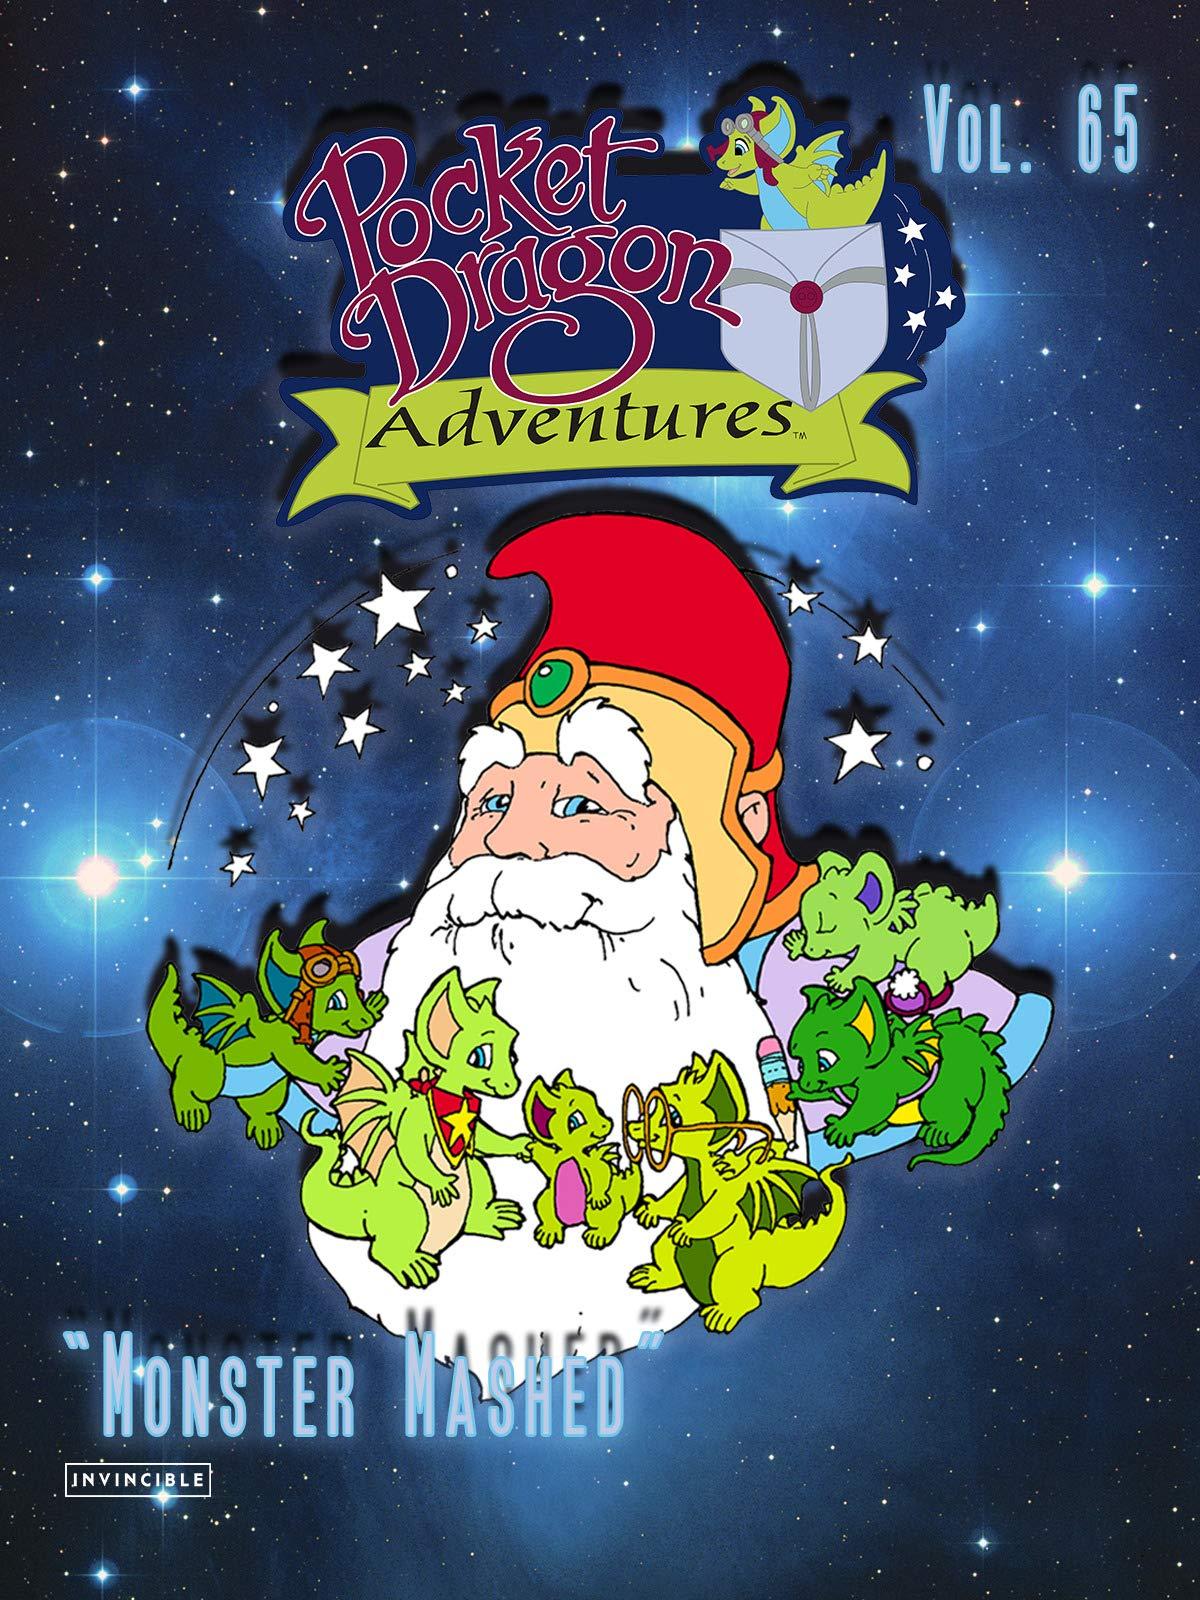 Pocket Dragon Adventures Vol. 65Monster Mashed